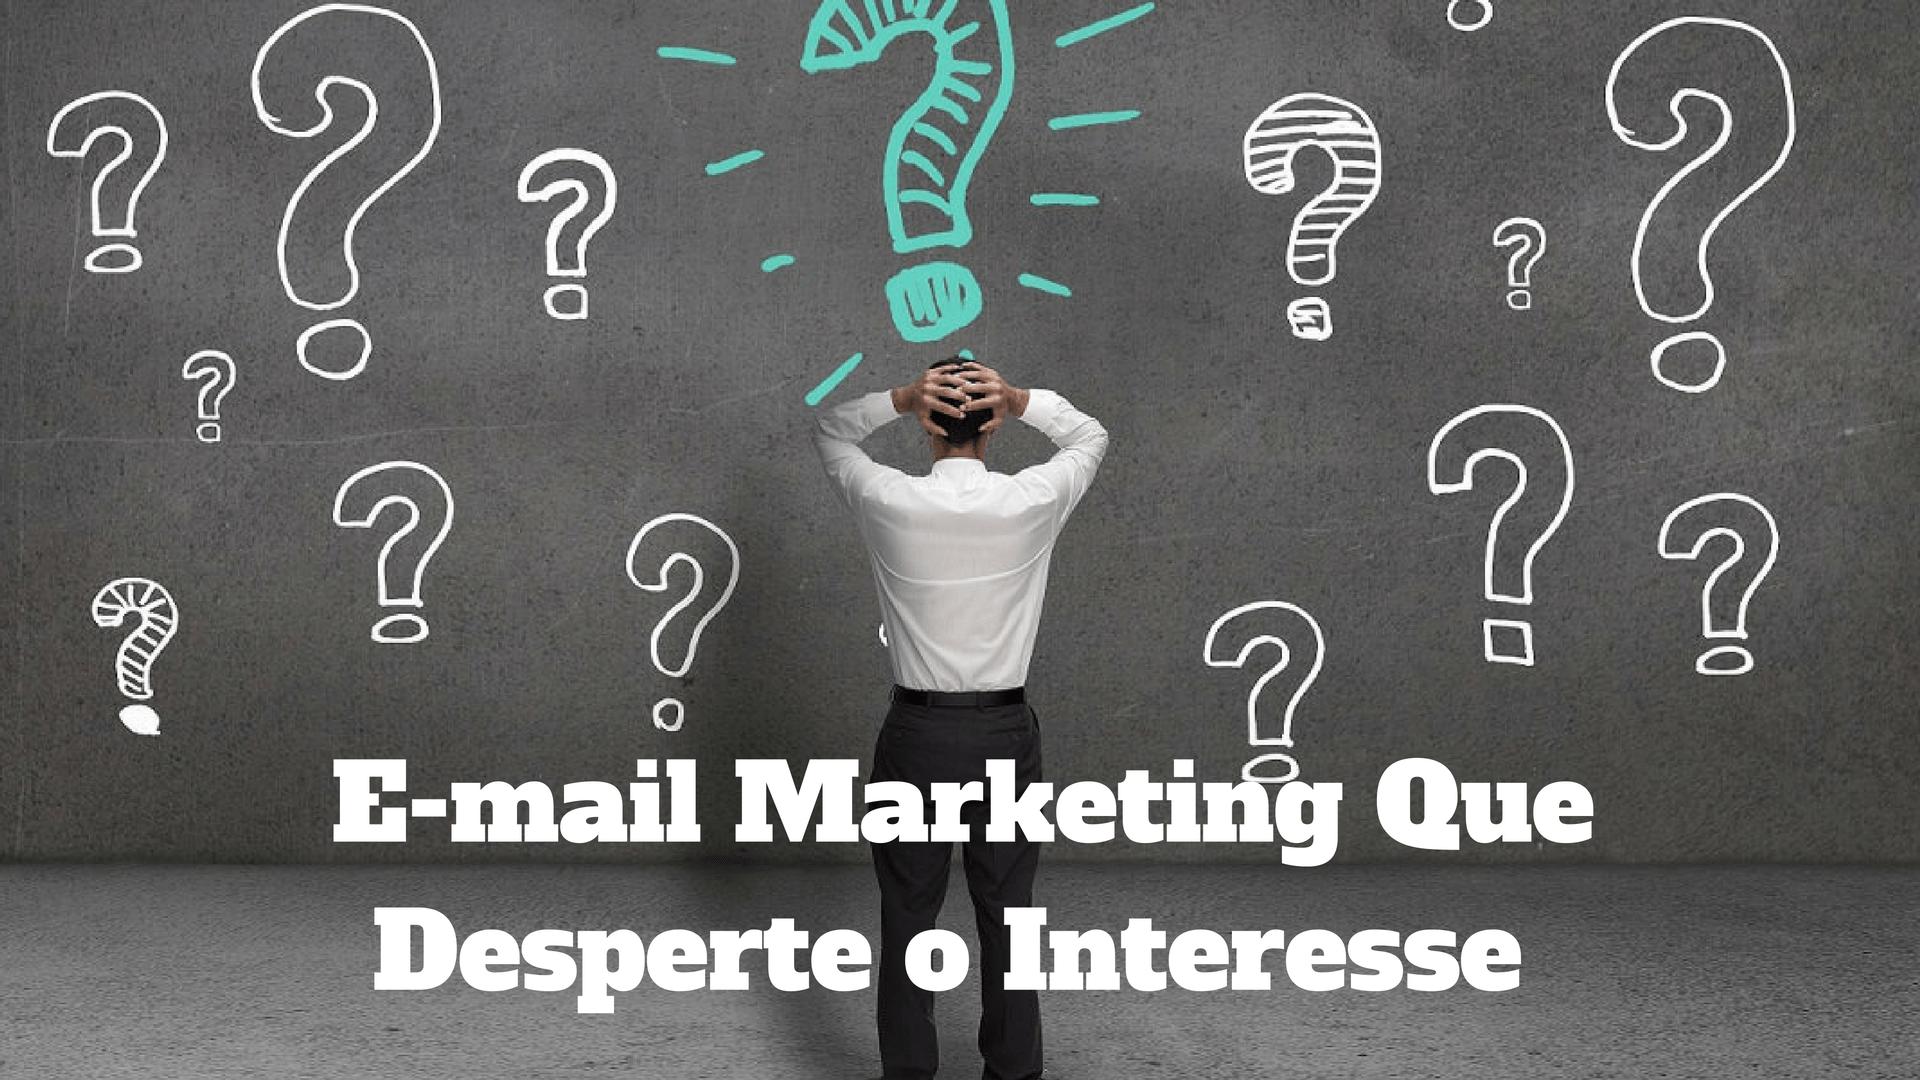 E-MAIL MARKETING QUE DESPERTA O INTERESSE DAS PESSOAS